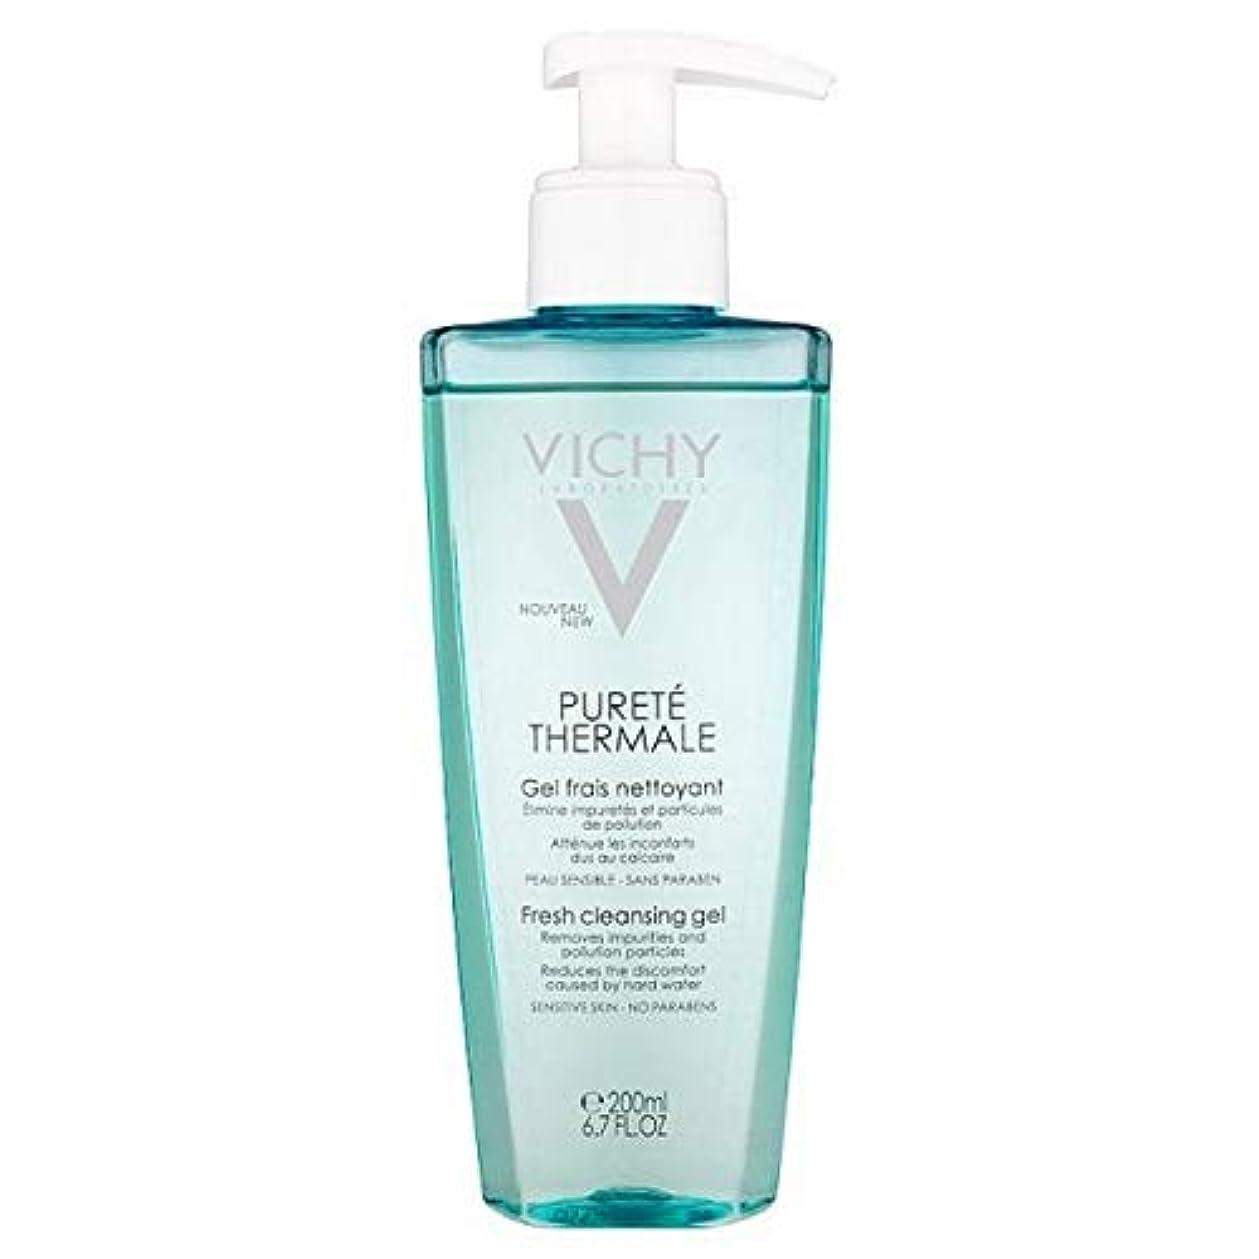 リングレットイースタードライ[Vichy ] ヴィシーPureteのThermaleクレンジングジェル200Ml - Vichy Purete Thermale Cleansing Gel 200ml [並行輸入品]